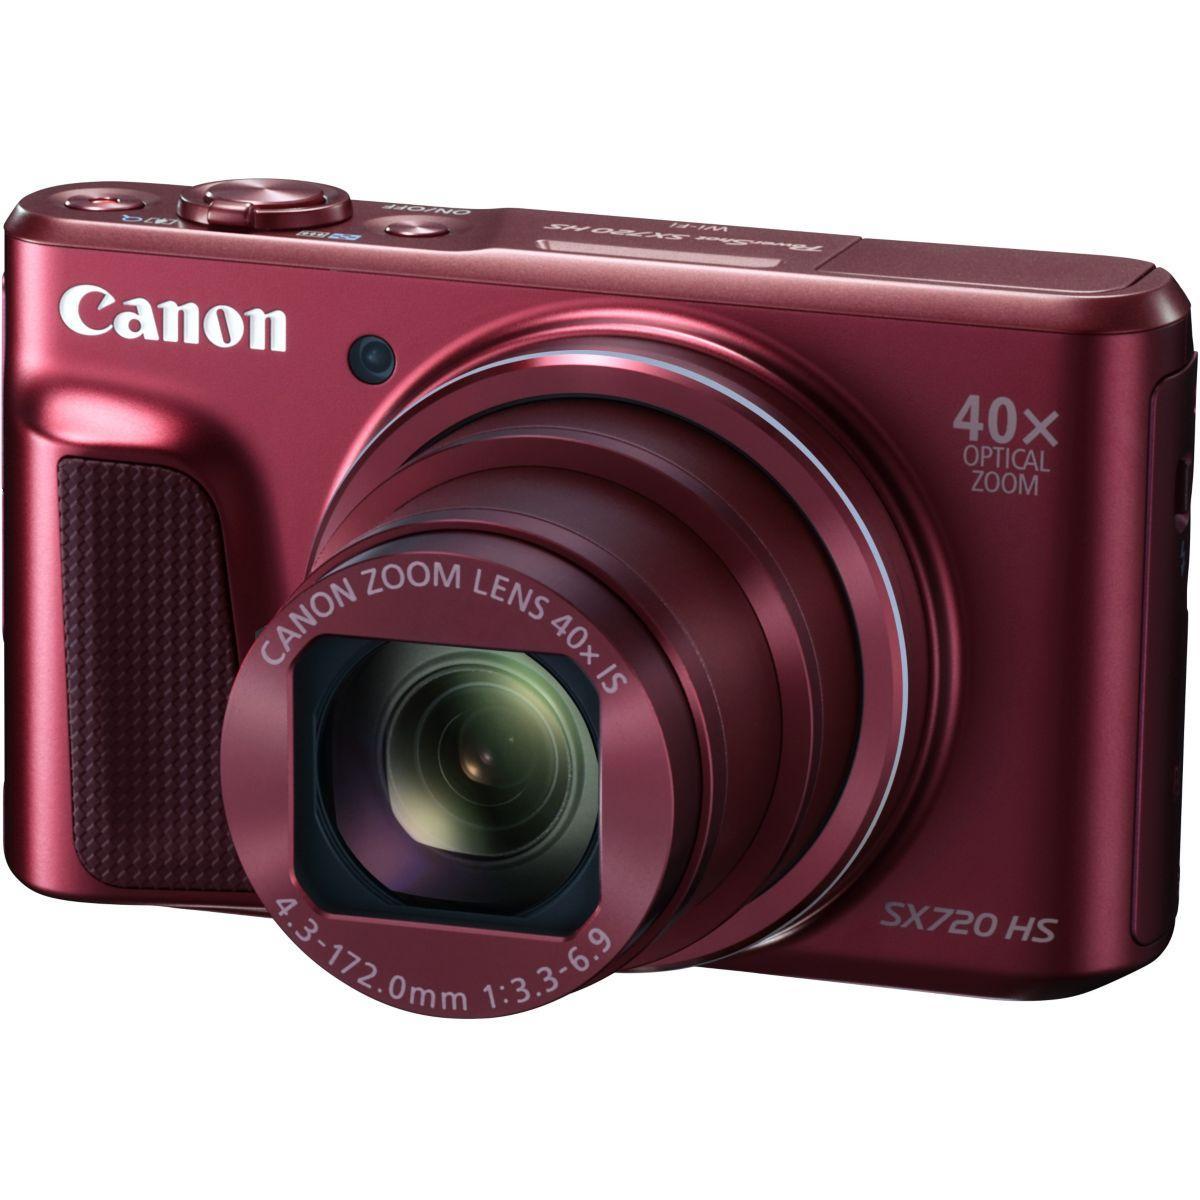 Appareil photo compact canon sx720 hs rouge (photo)